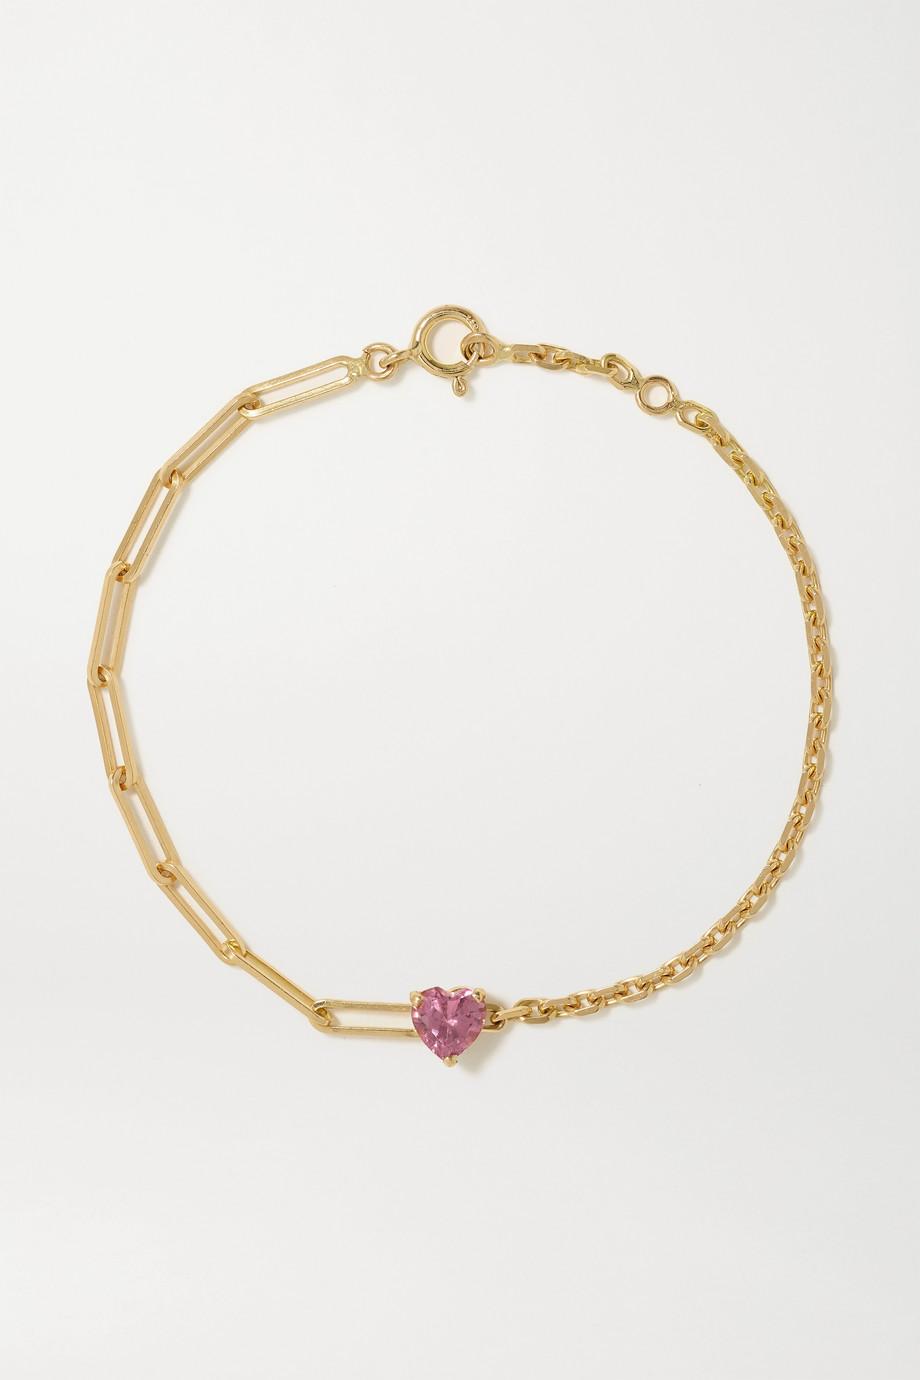 Yvonne Léon Armband aus 18 Karat Gold mit Turmalin